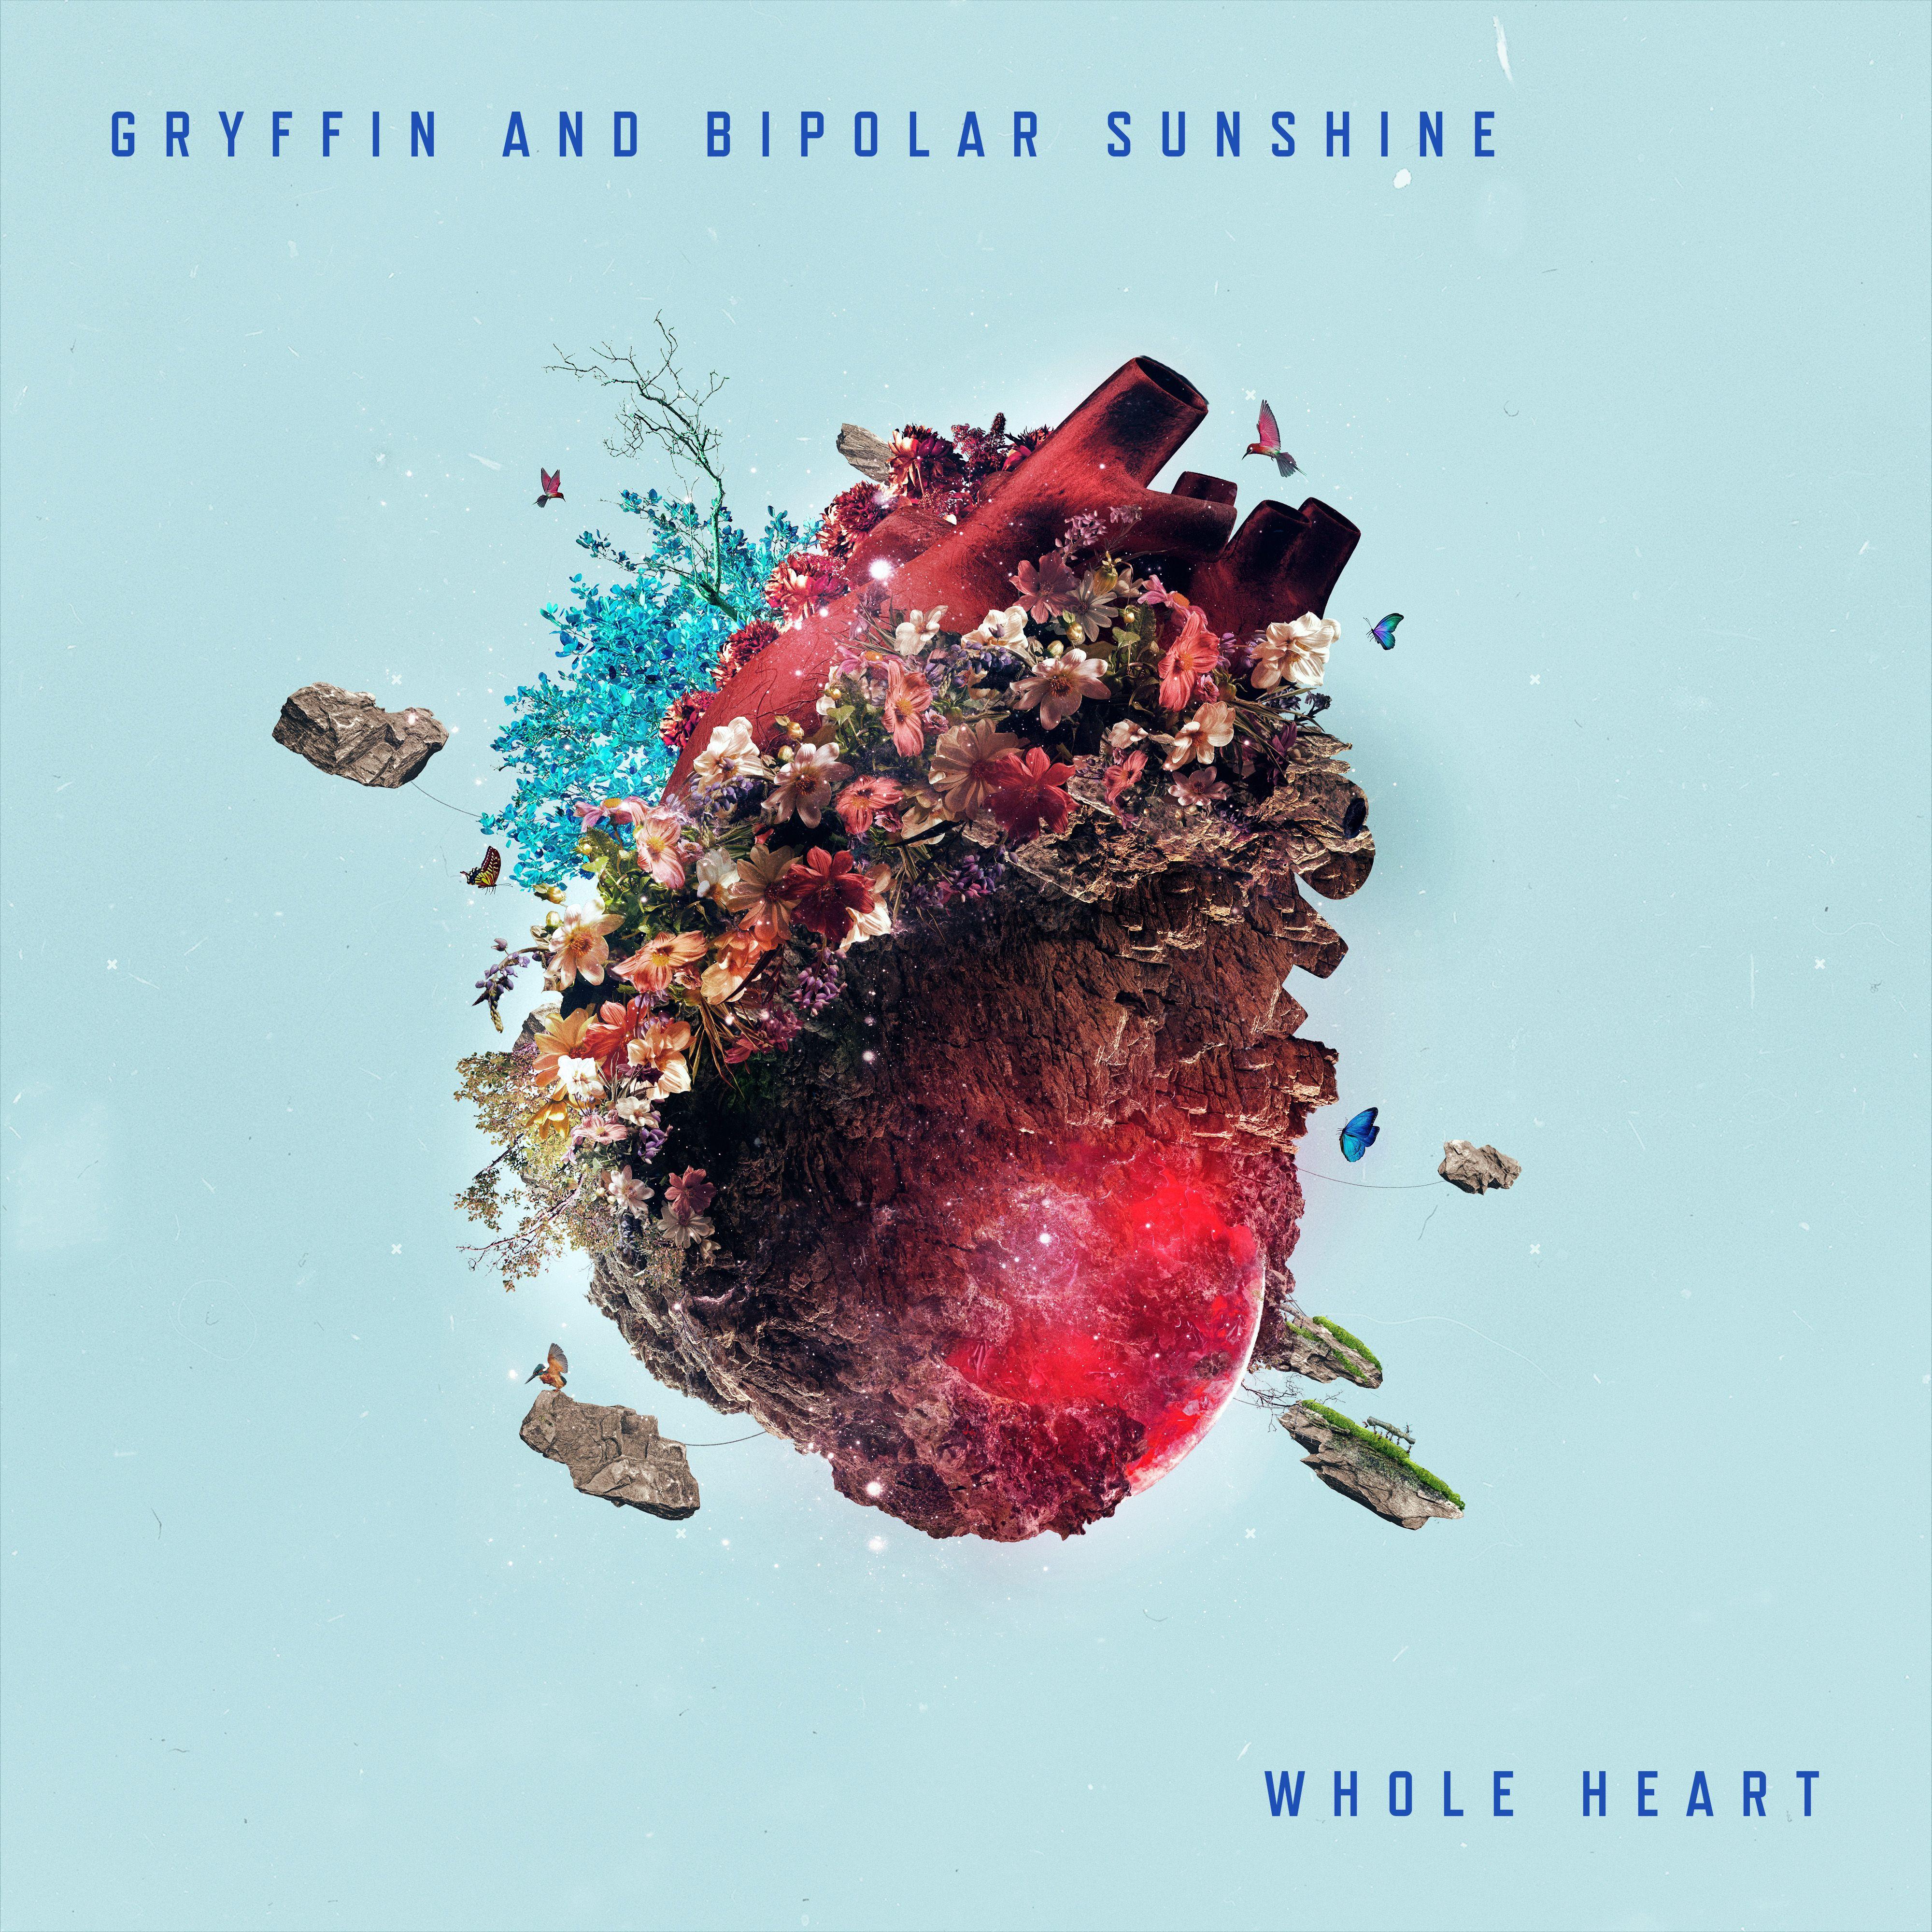 Gryffin Album Art Album Art Pinterest